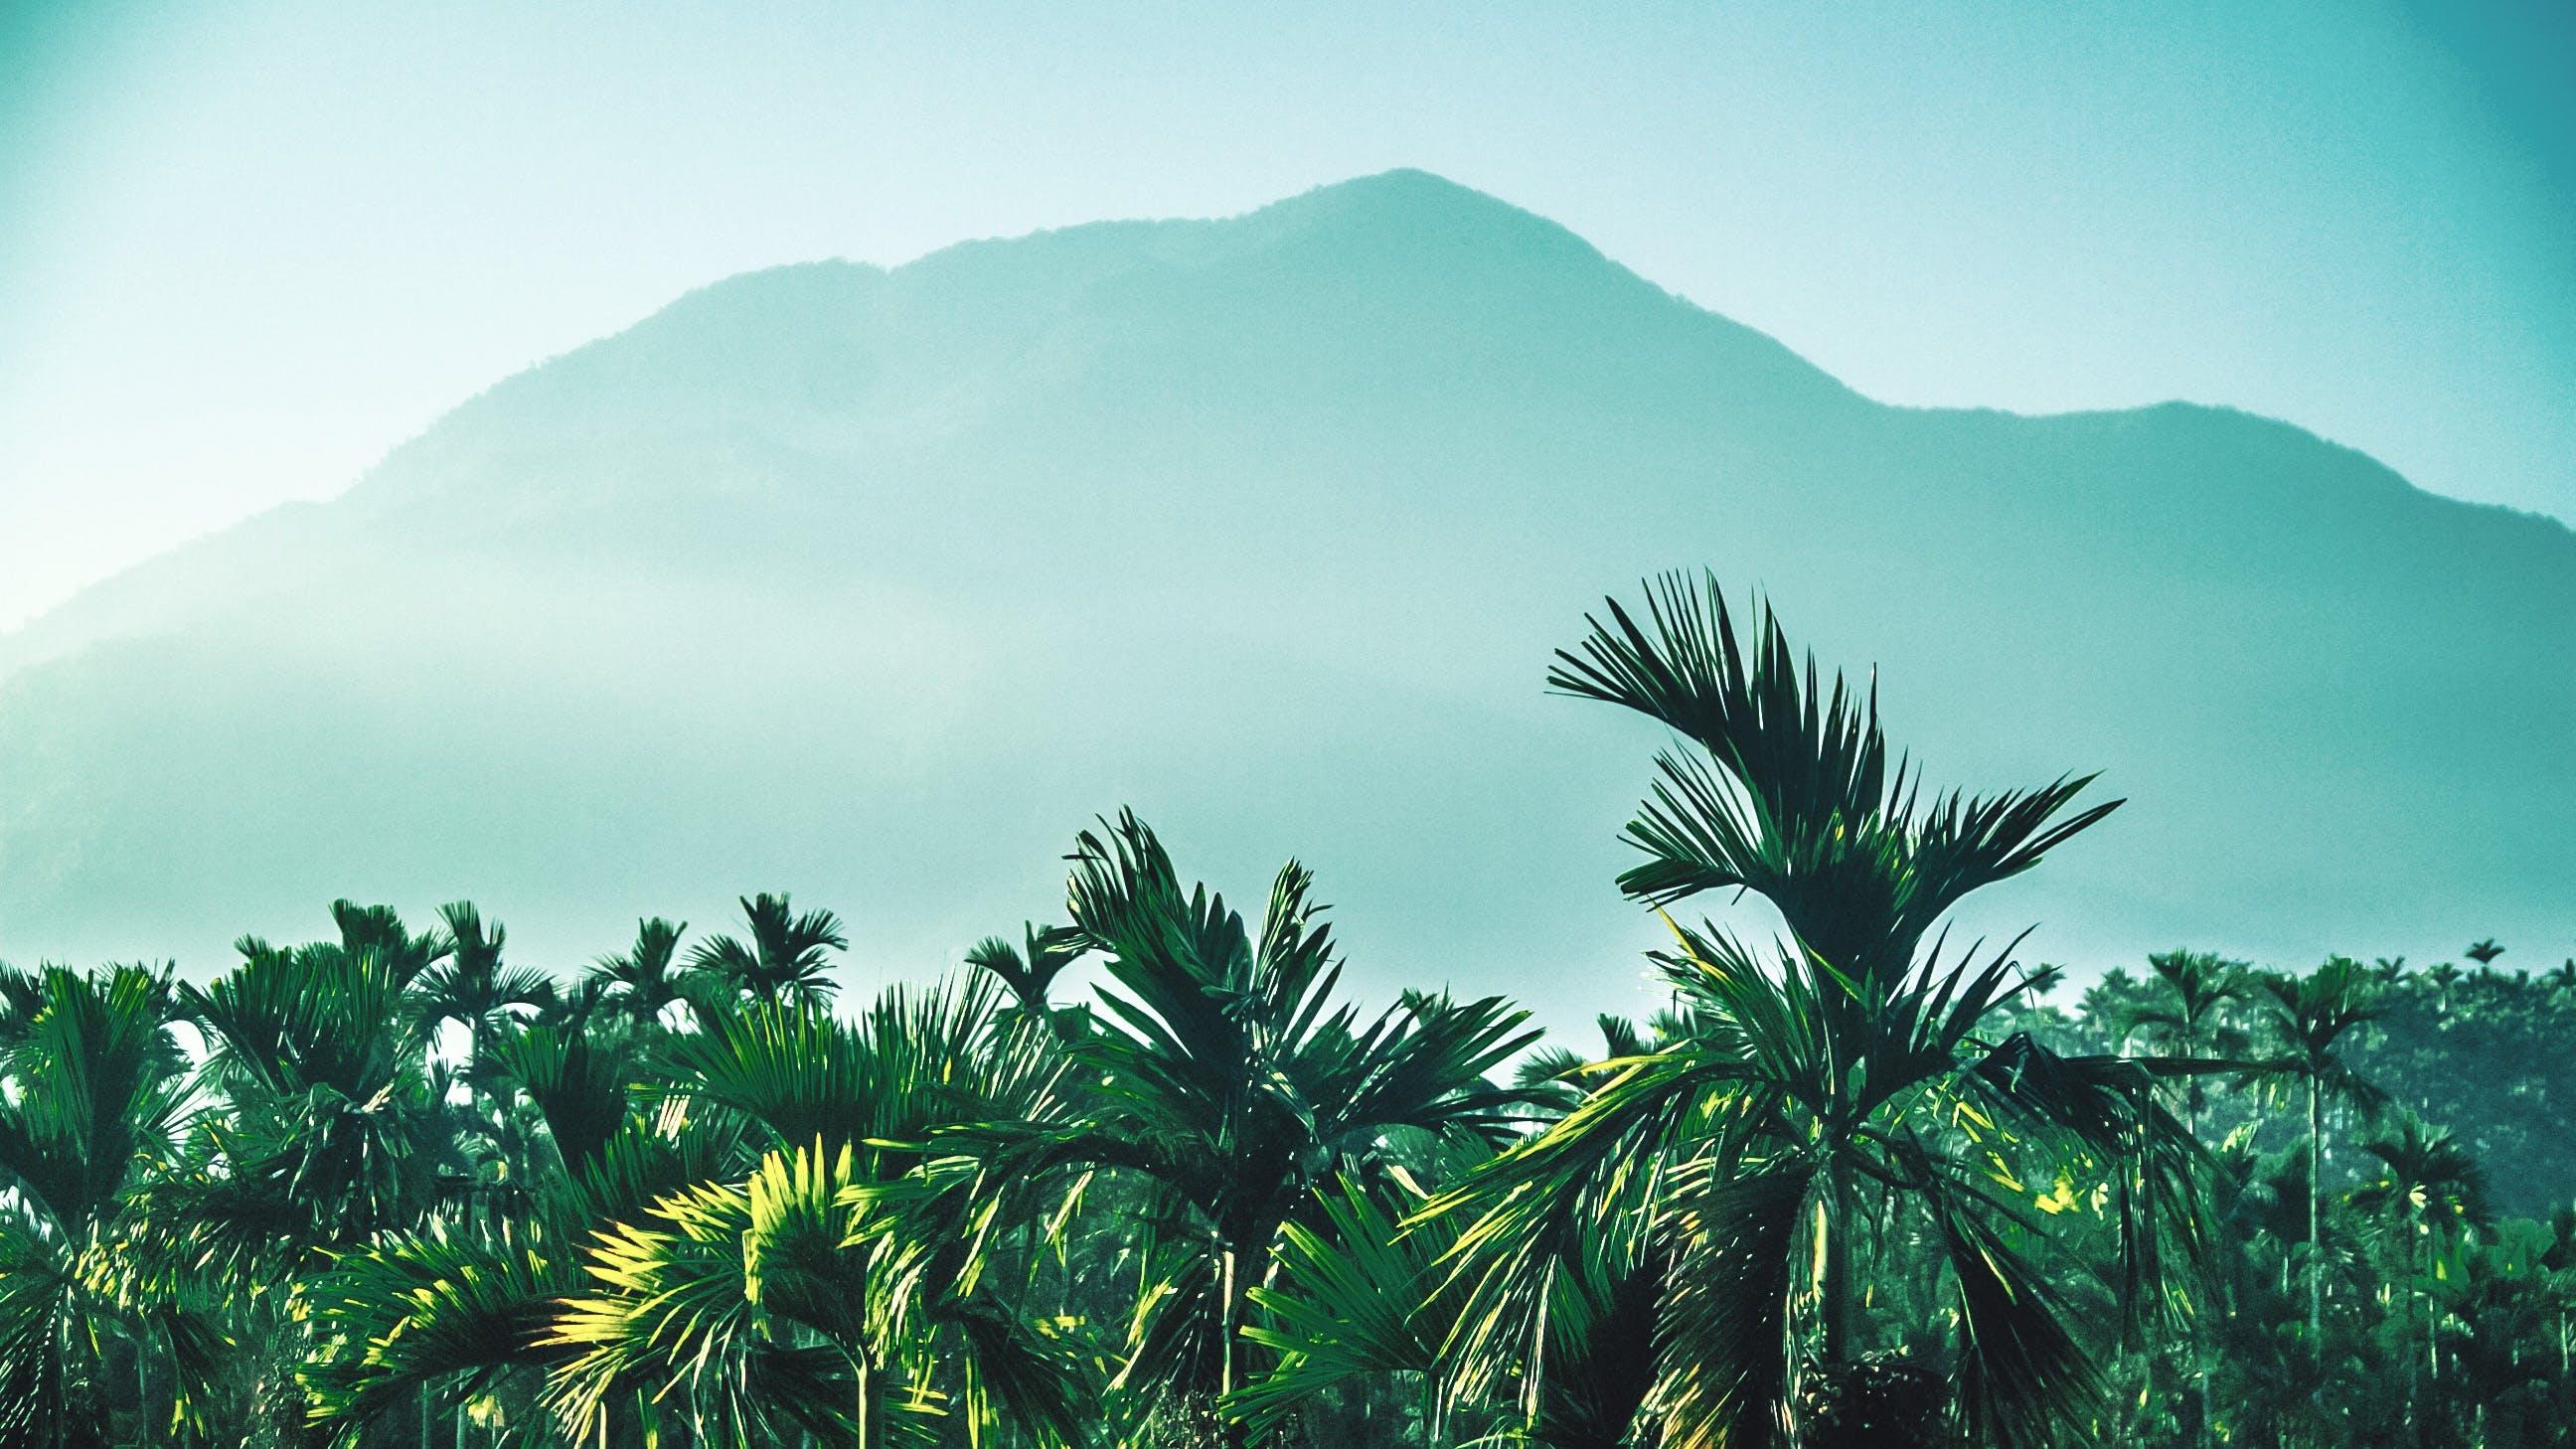 açık hava, Çiftlik, dağ, doğa içeren Ücretsiz stok fotoğraf